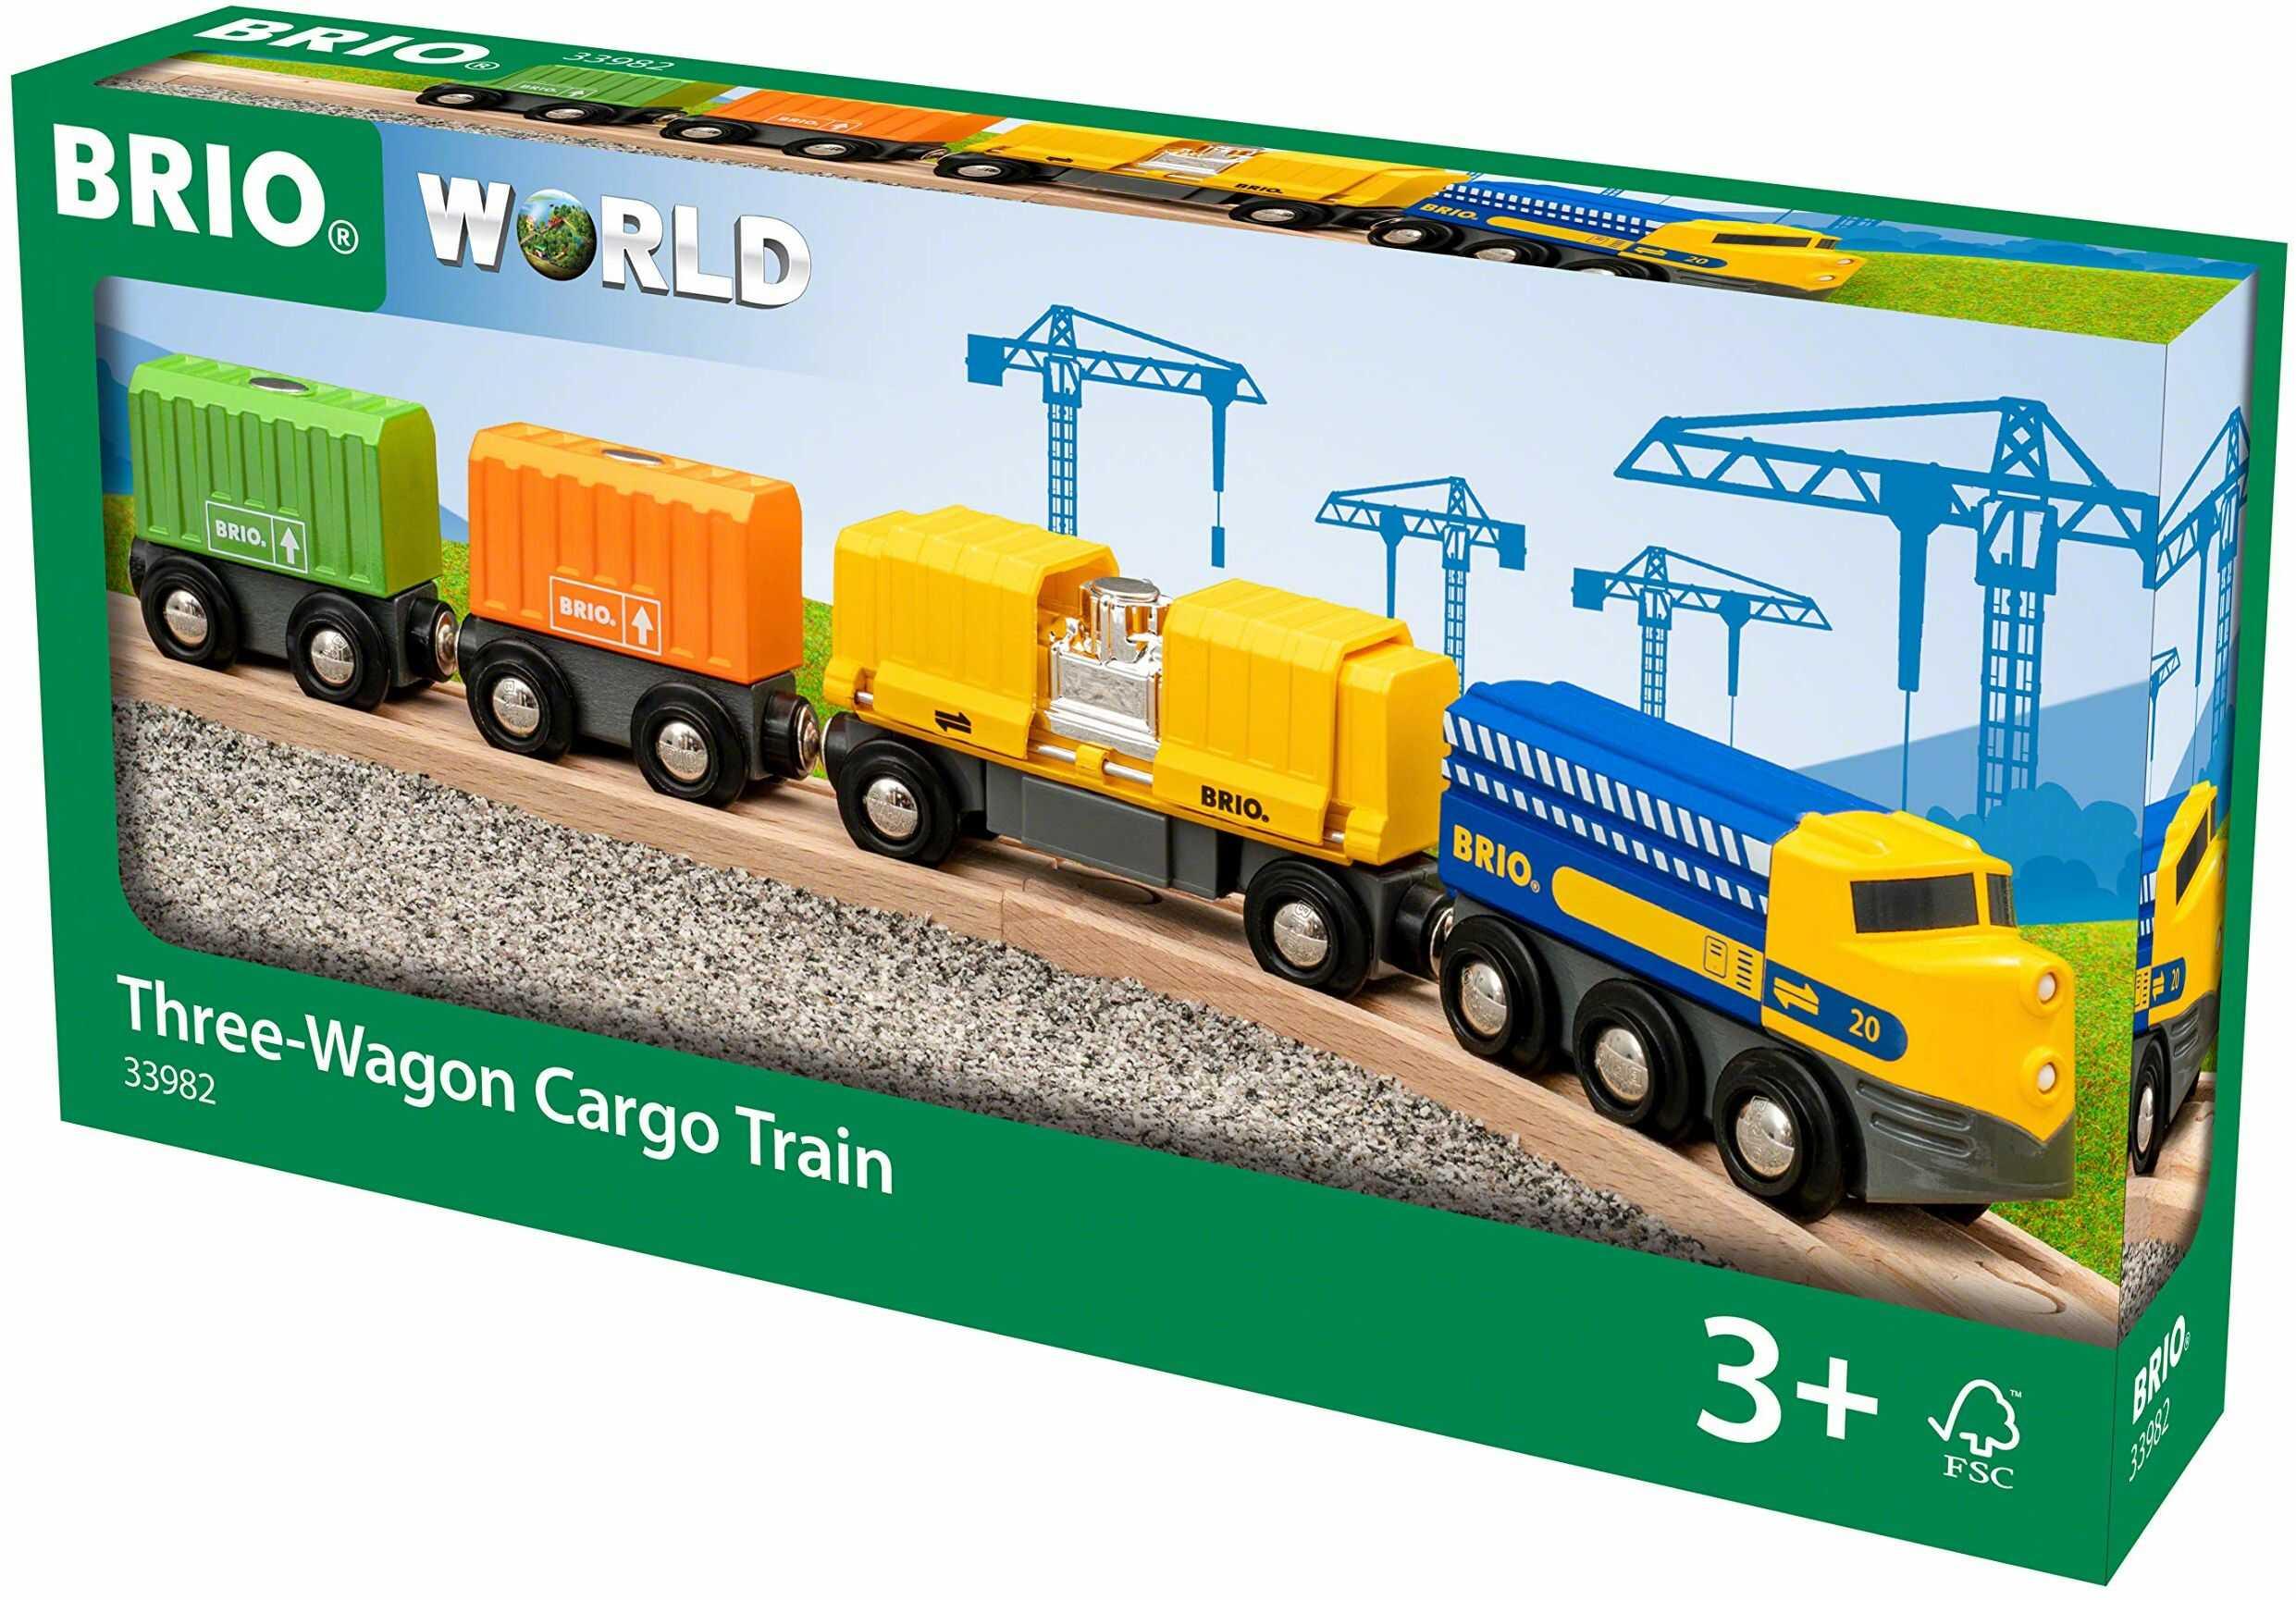 BRIO Świat - trzy wagony pociąg ładunkowy